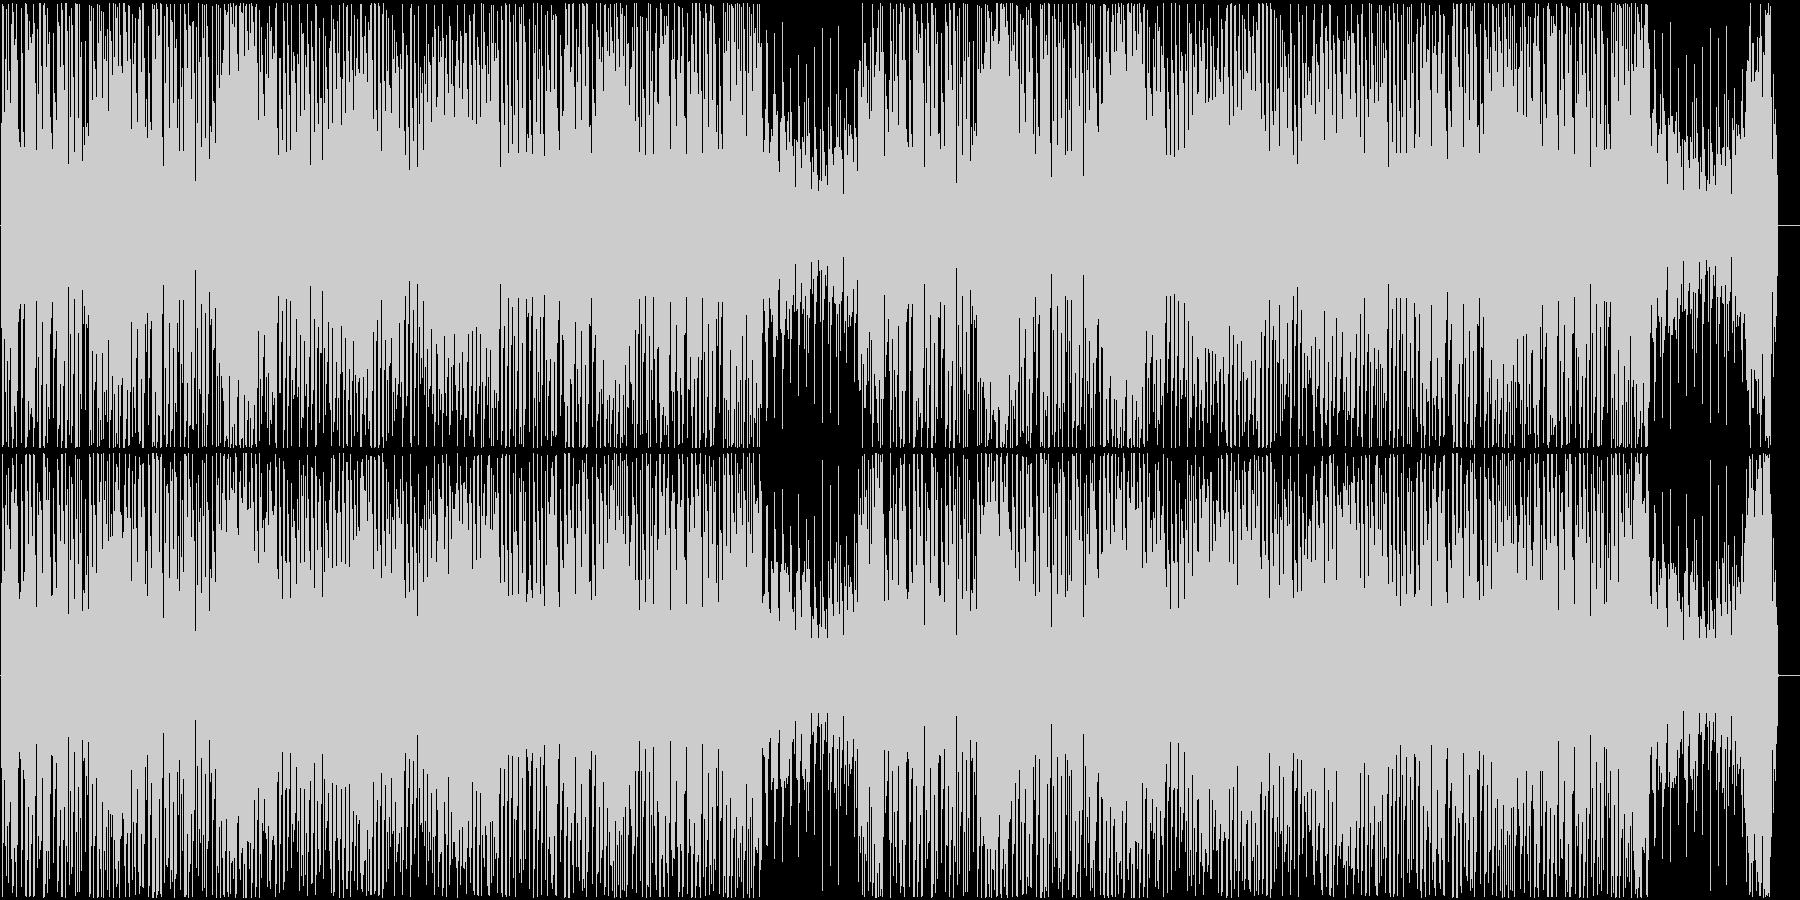 ポップでかわいい、コミカルなCM曲の未再生の波形